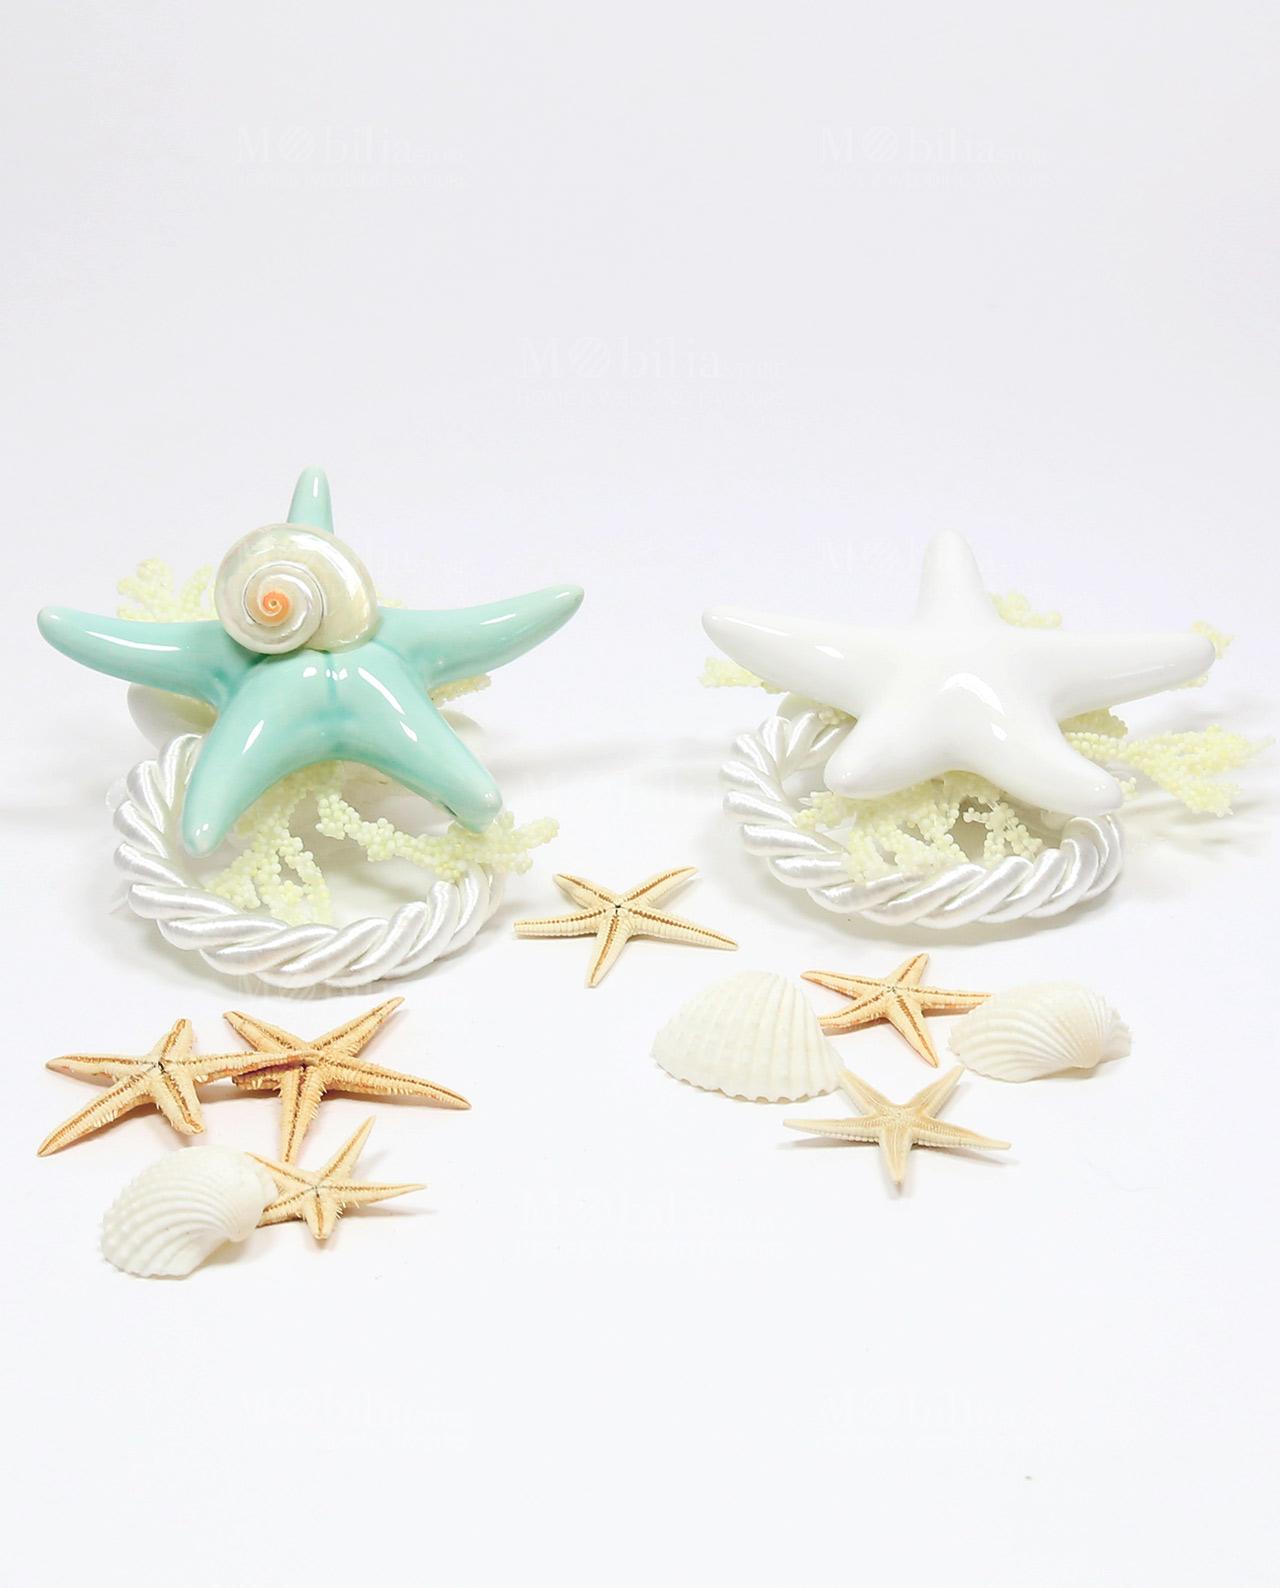 Segnaposto Tondo con stella marina azzurra e stella marina bianca